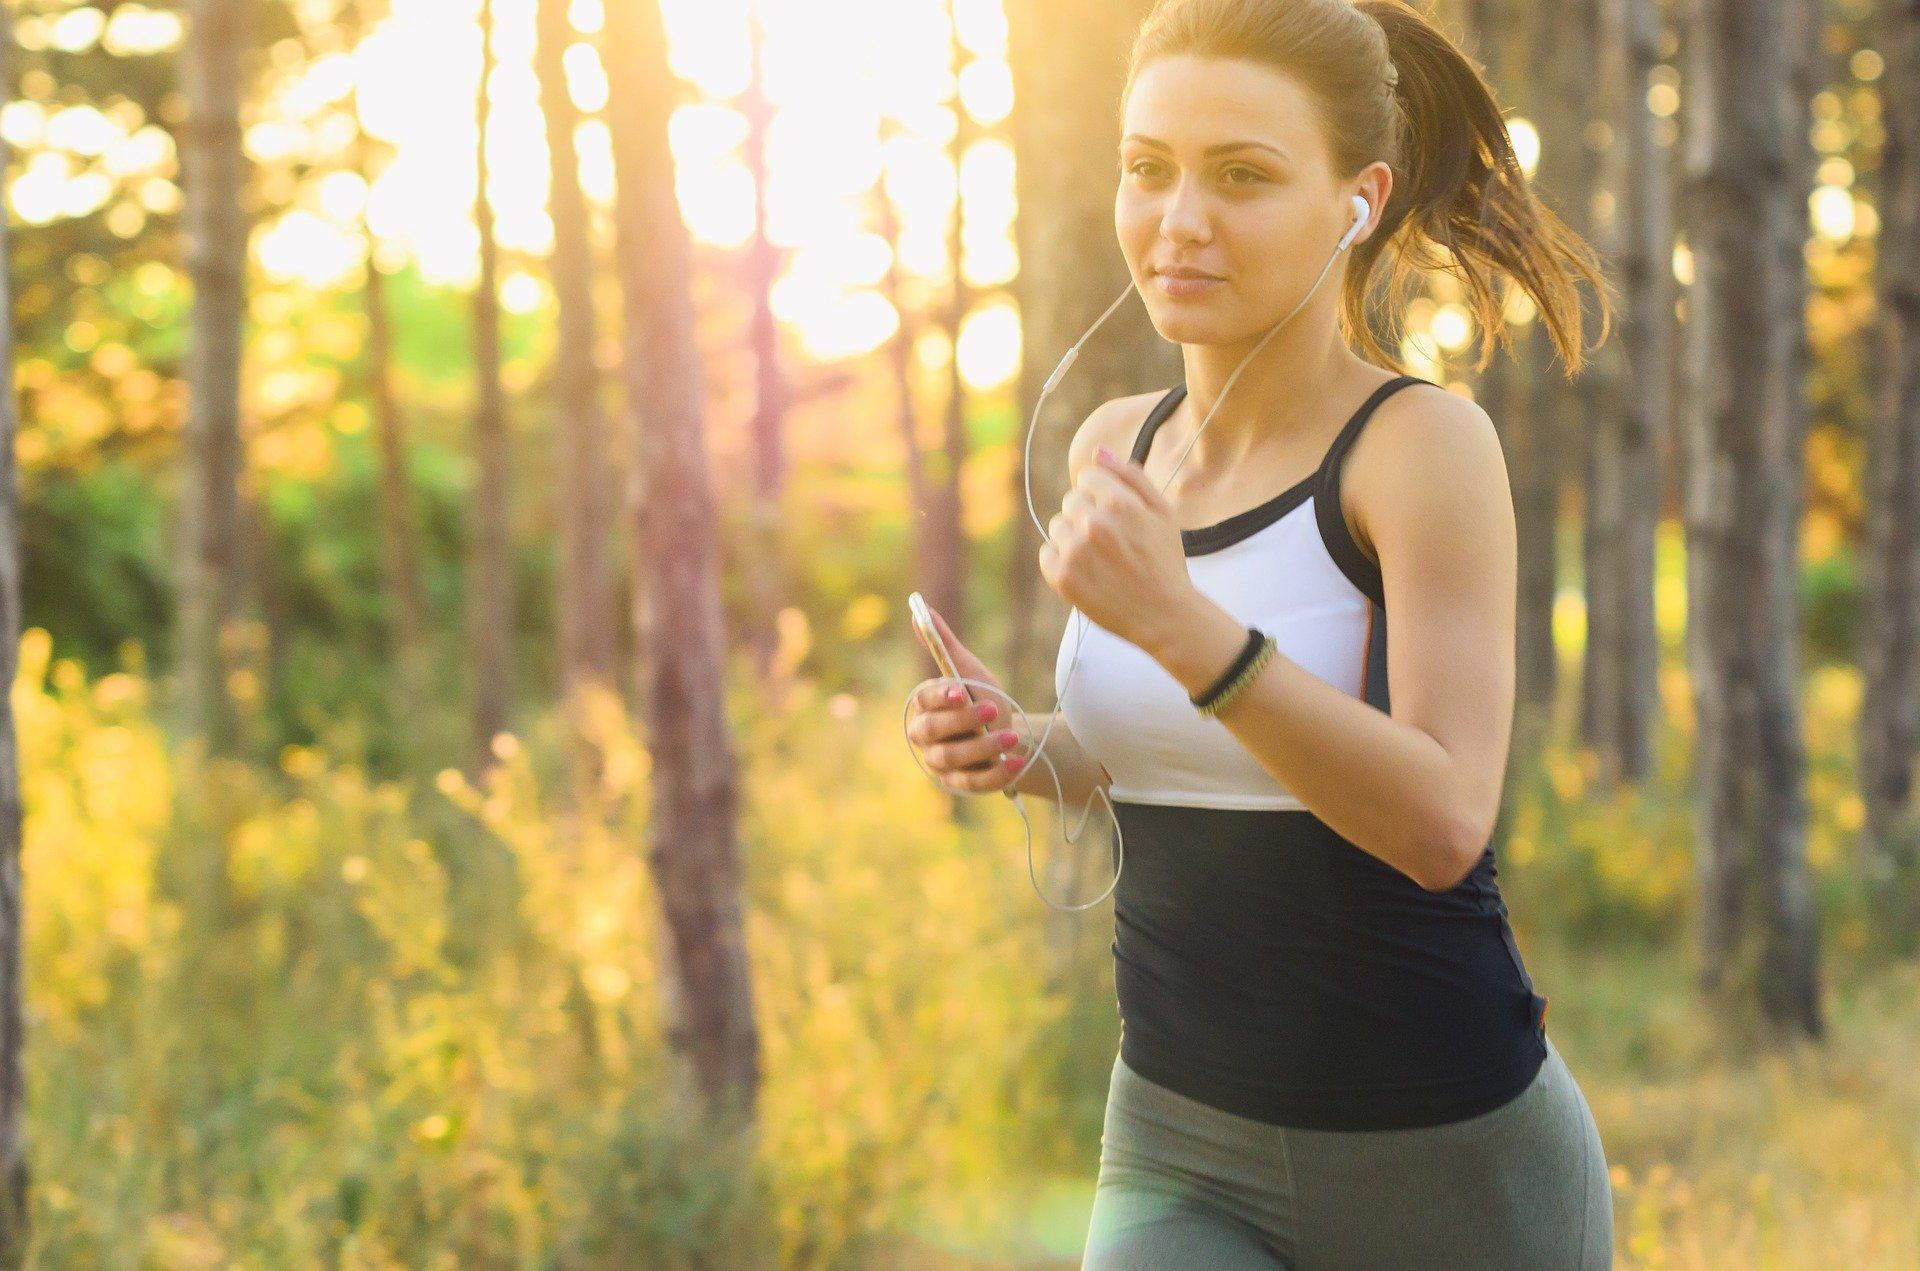 Главоболки предизвикани од напорно вежбање